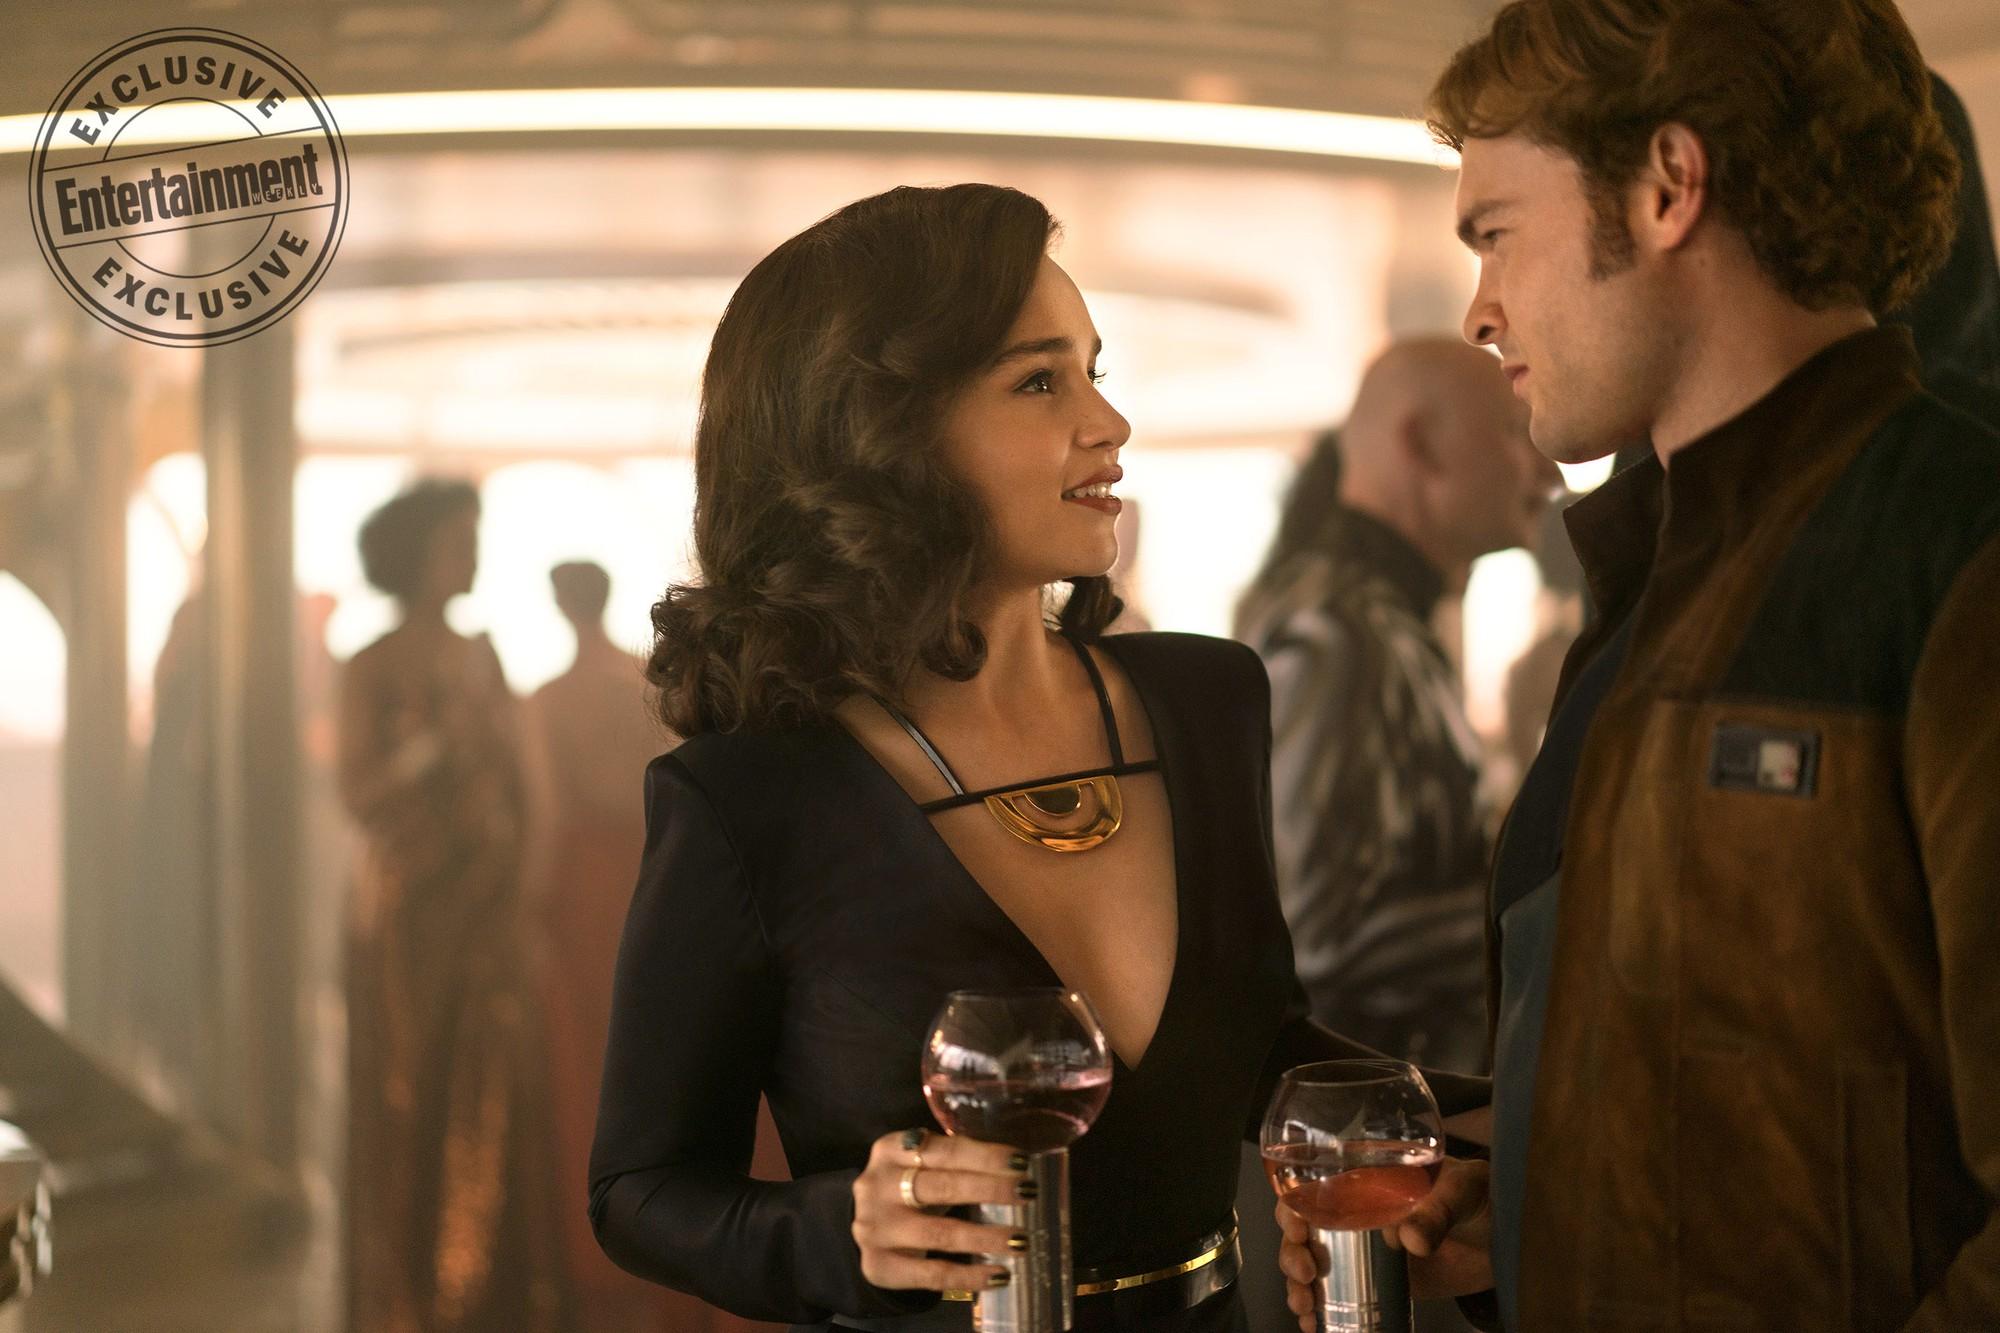 Mẹ Rồng Emilia Clarke tỏ thái độ khi ai đó khen các chị em trên phim là mạnh mẽ - Ảnh 1.